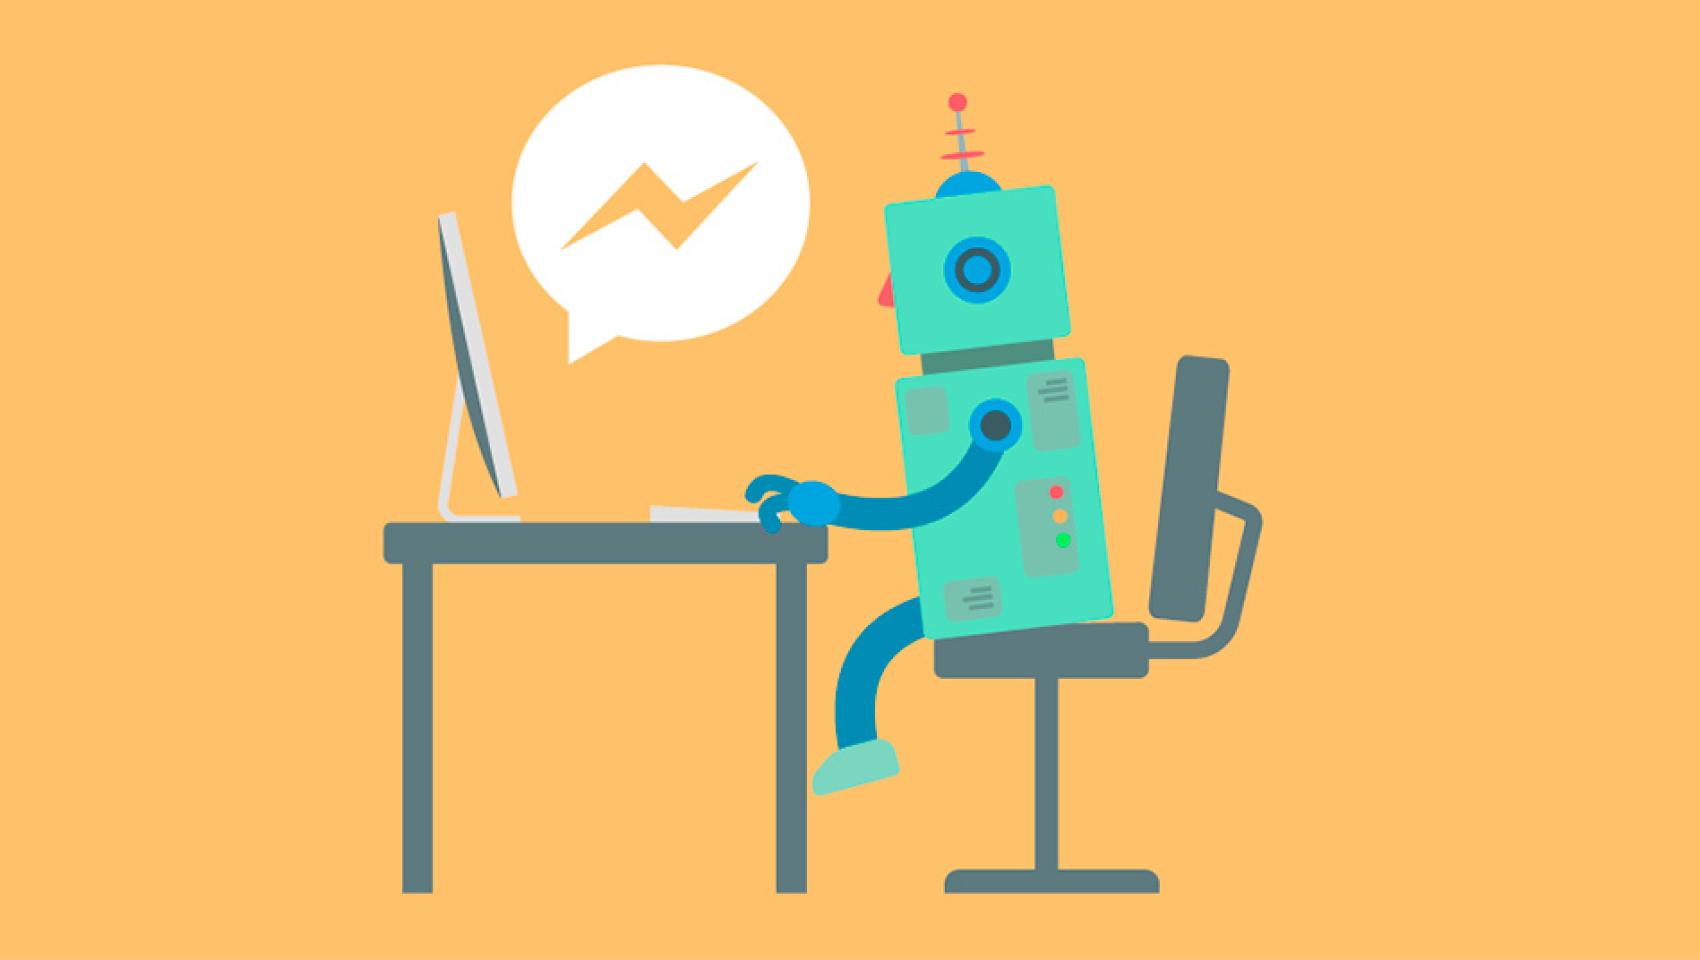 Мастер-класс «Как повысить конверсии в SMM с помощью автоматизации» в Днепре